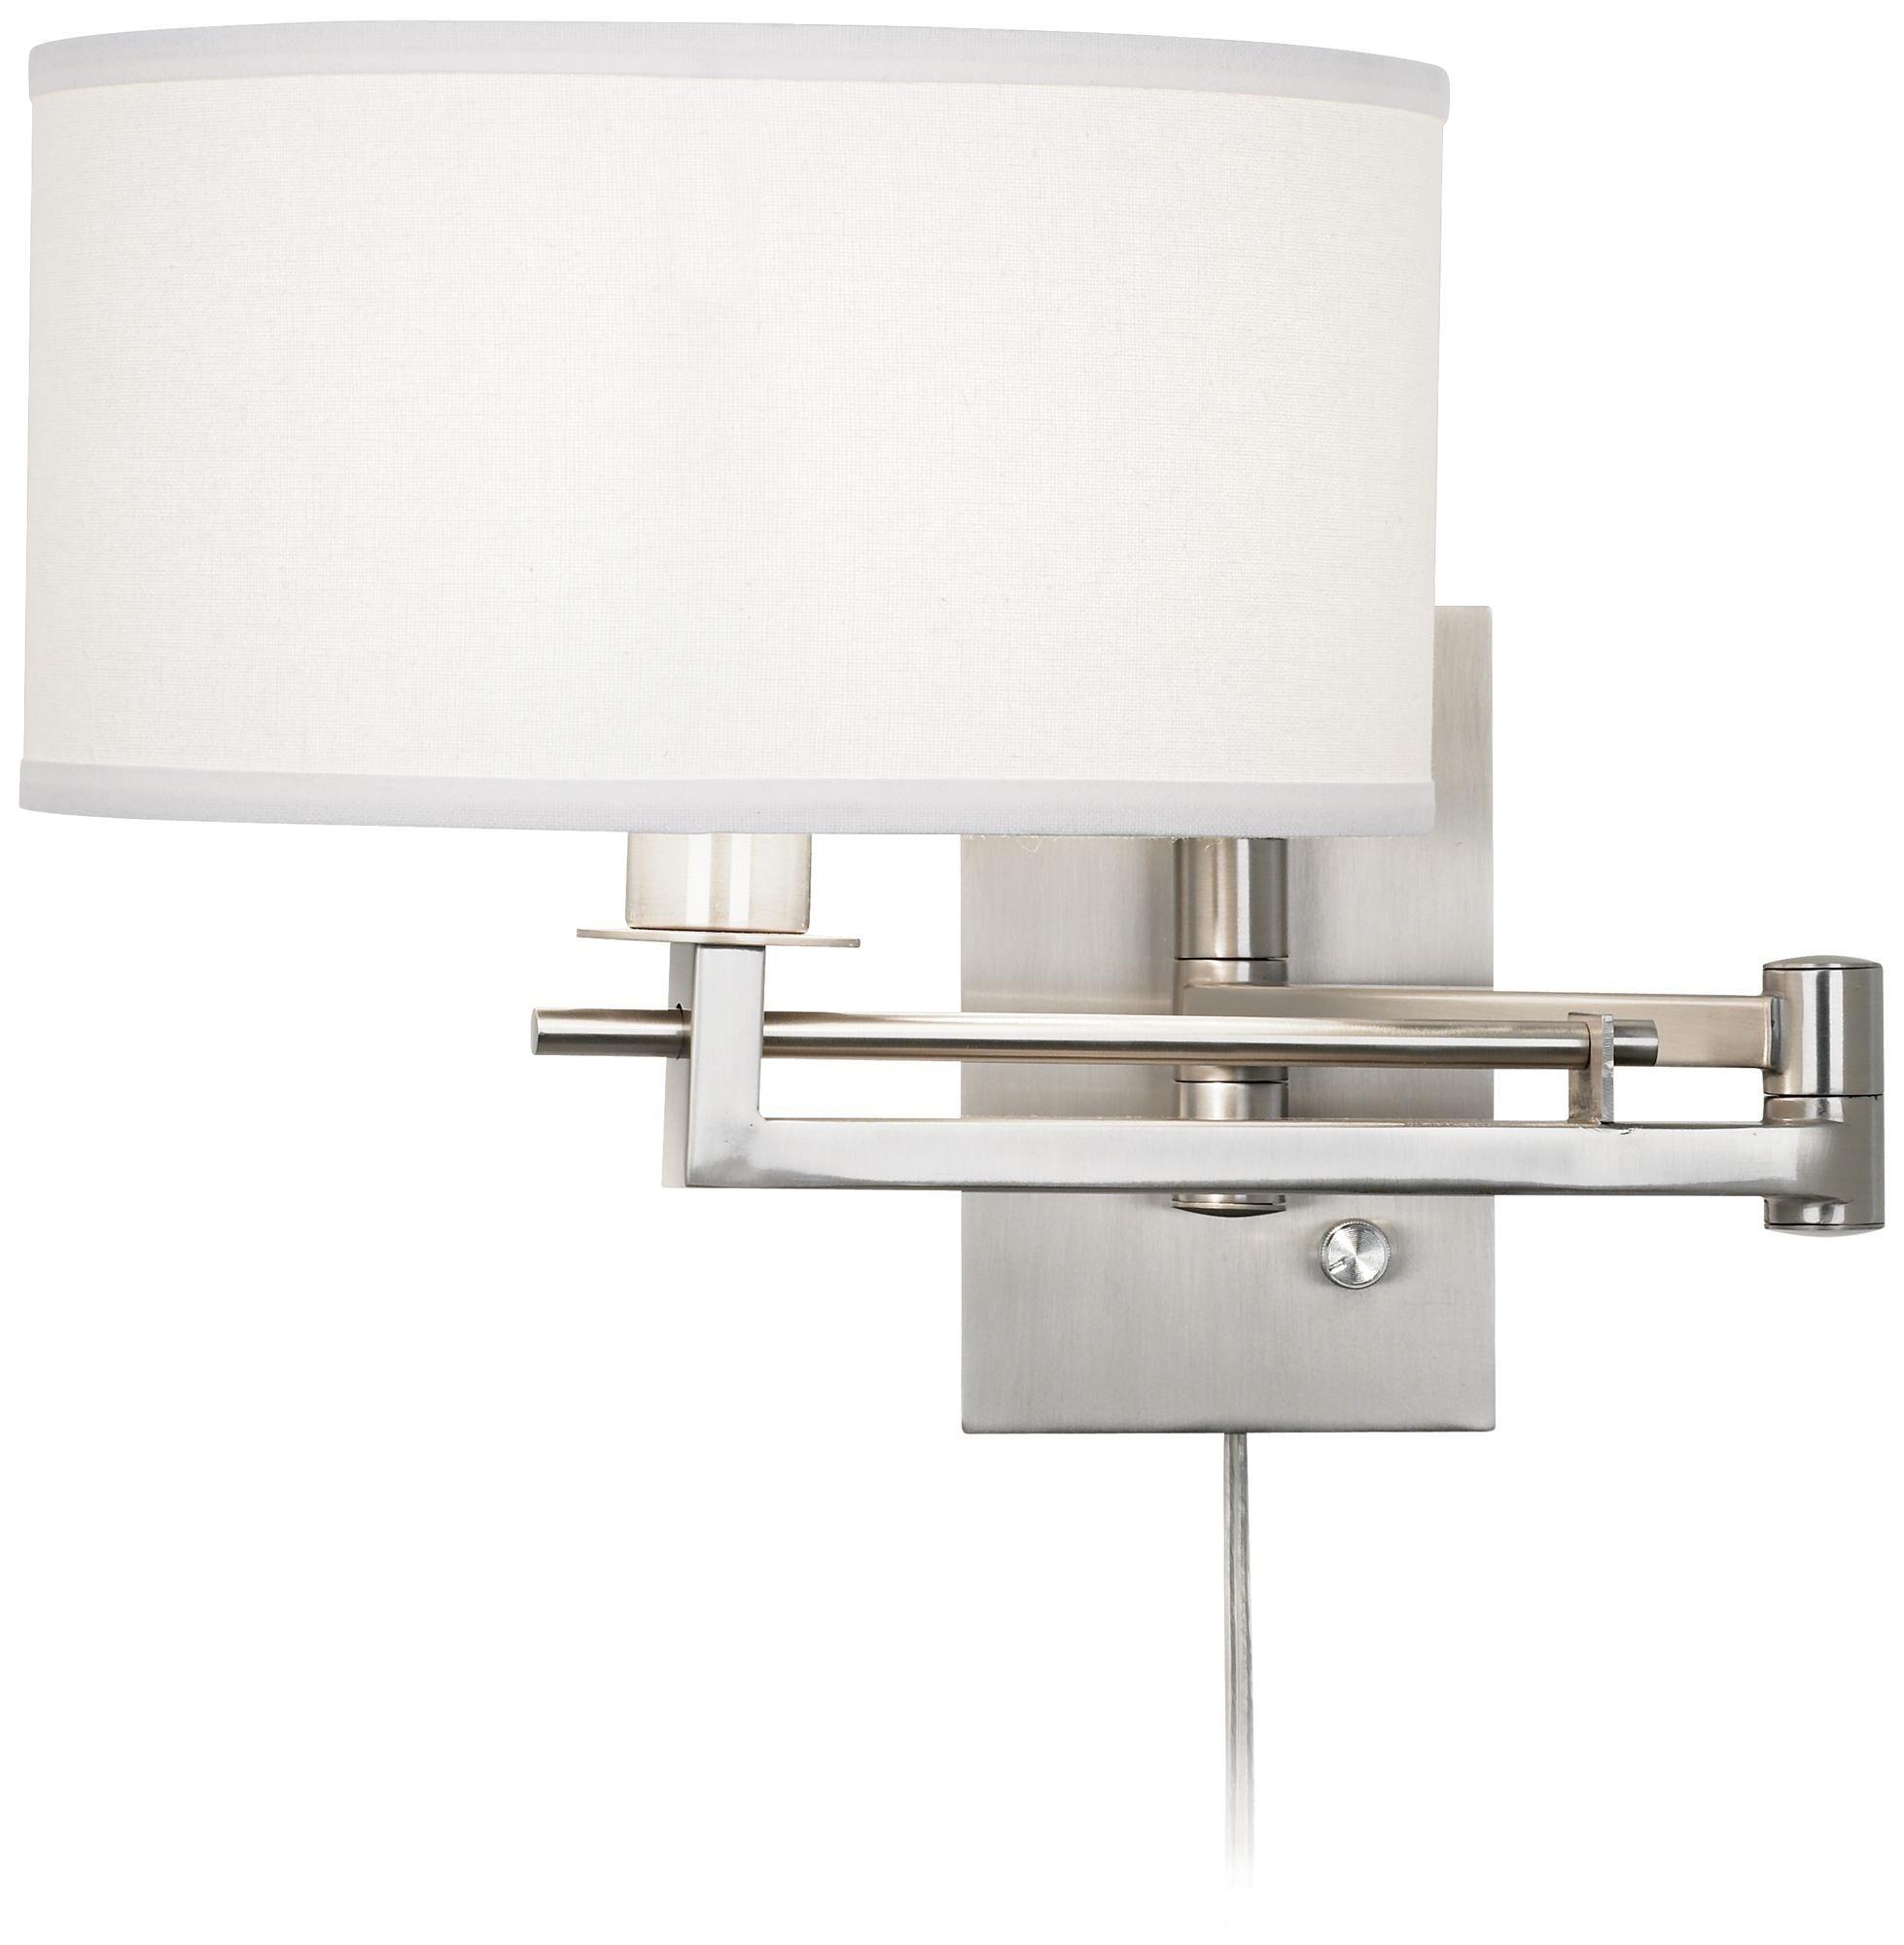 Possini Euro Aluno Plug In Style Swing Arm Wall Lamp M9450 Lamps Plus Swing Arm Wall Lamps Plug In Wall Lamp Swing Arm Wall Light